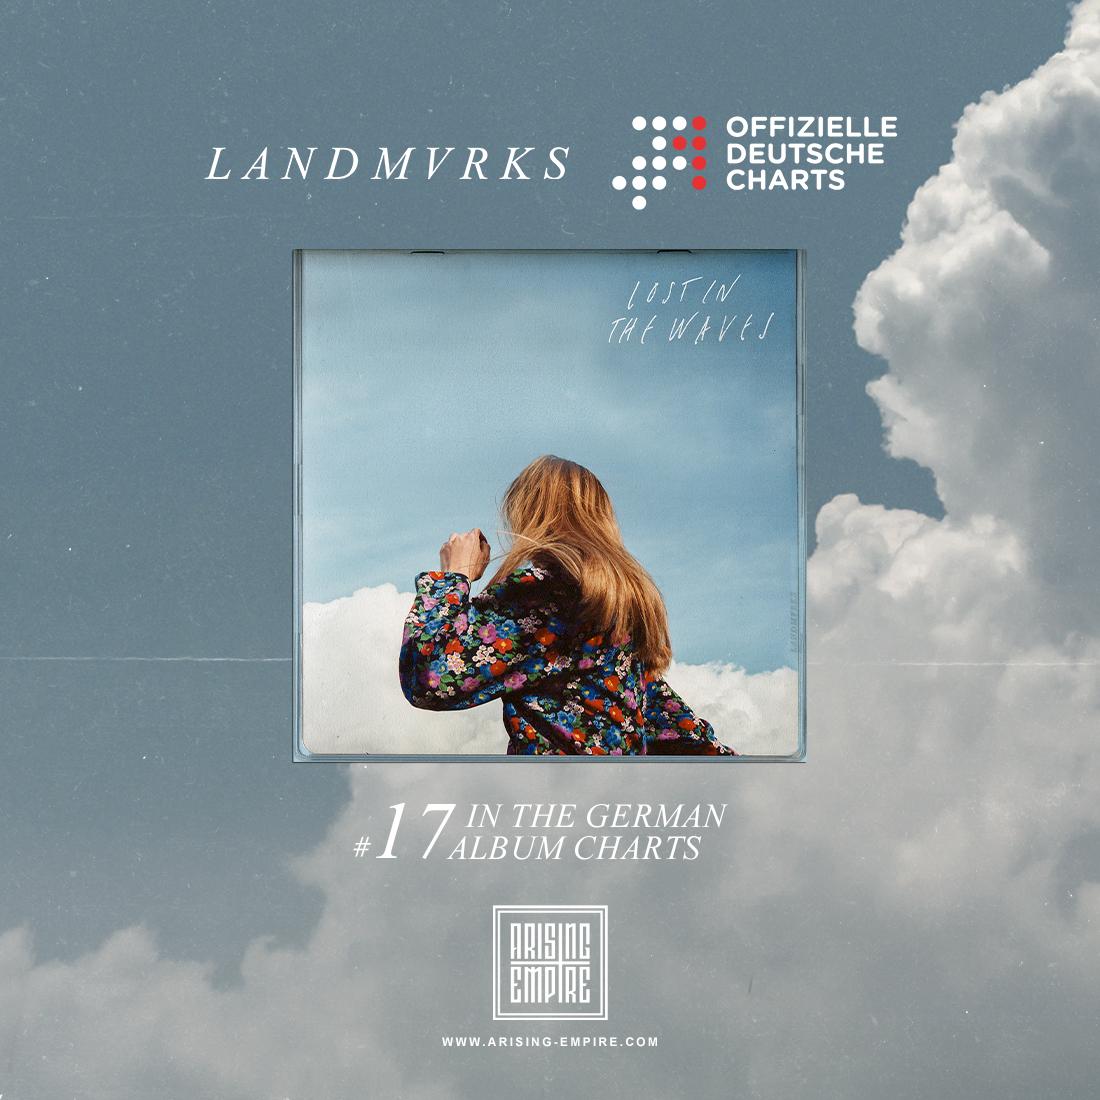 """LANDMVRKS """"Lost in the Waves"""" auf Platz 17 der Offiziellen Deutschen Album Charts"""